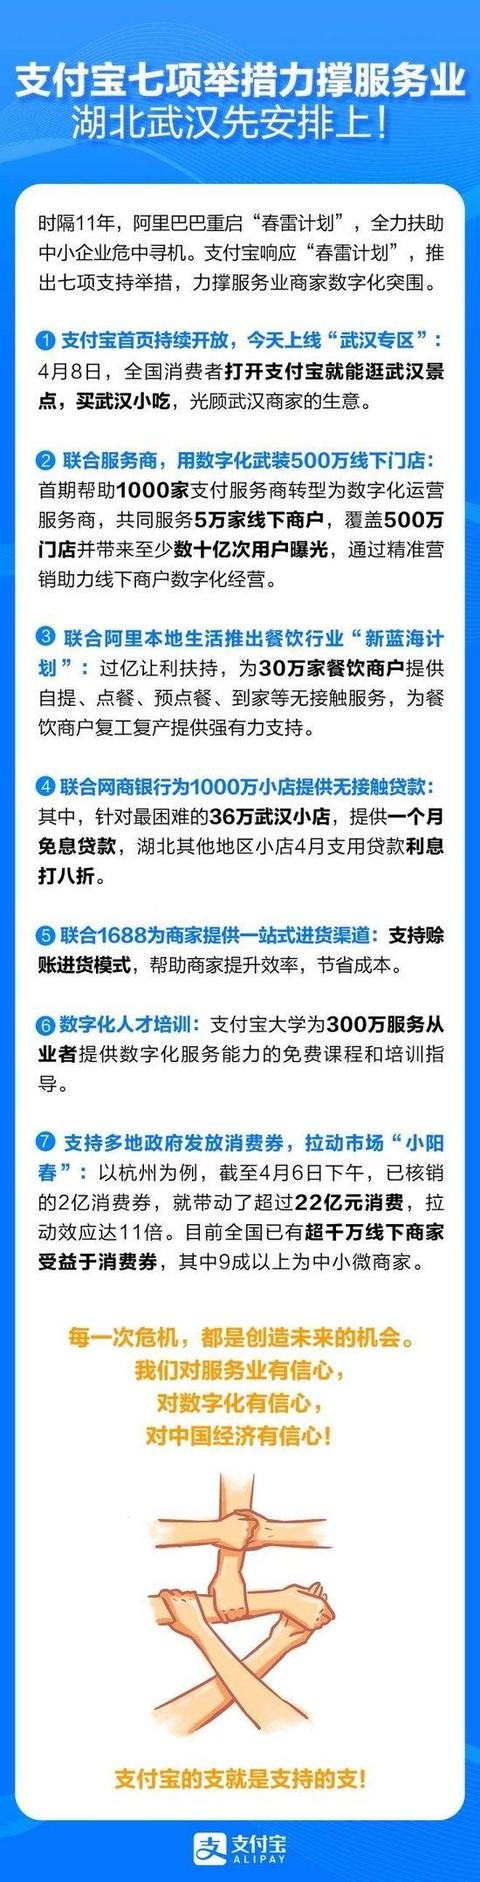 http://www.shangoudaohang.com/kuaixun/311749.html